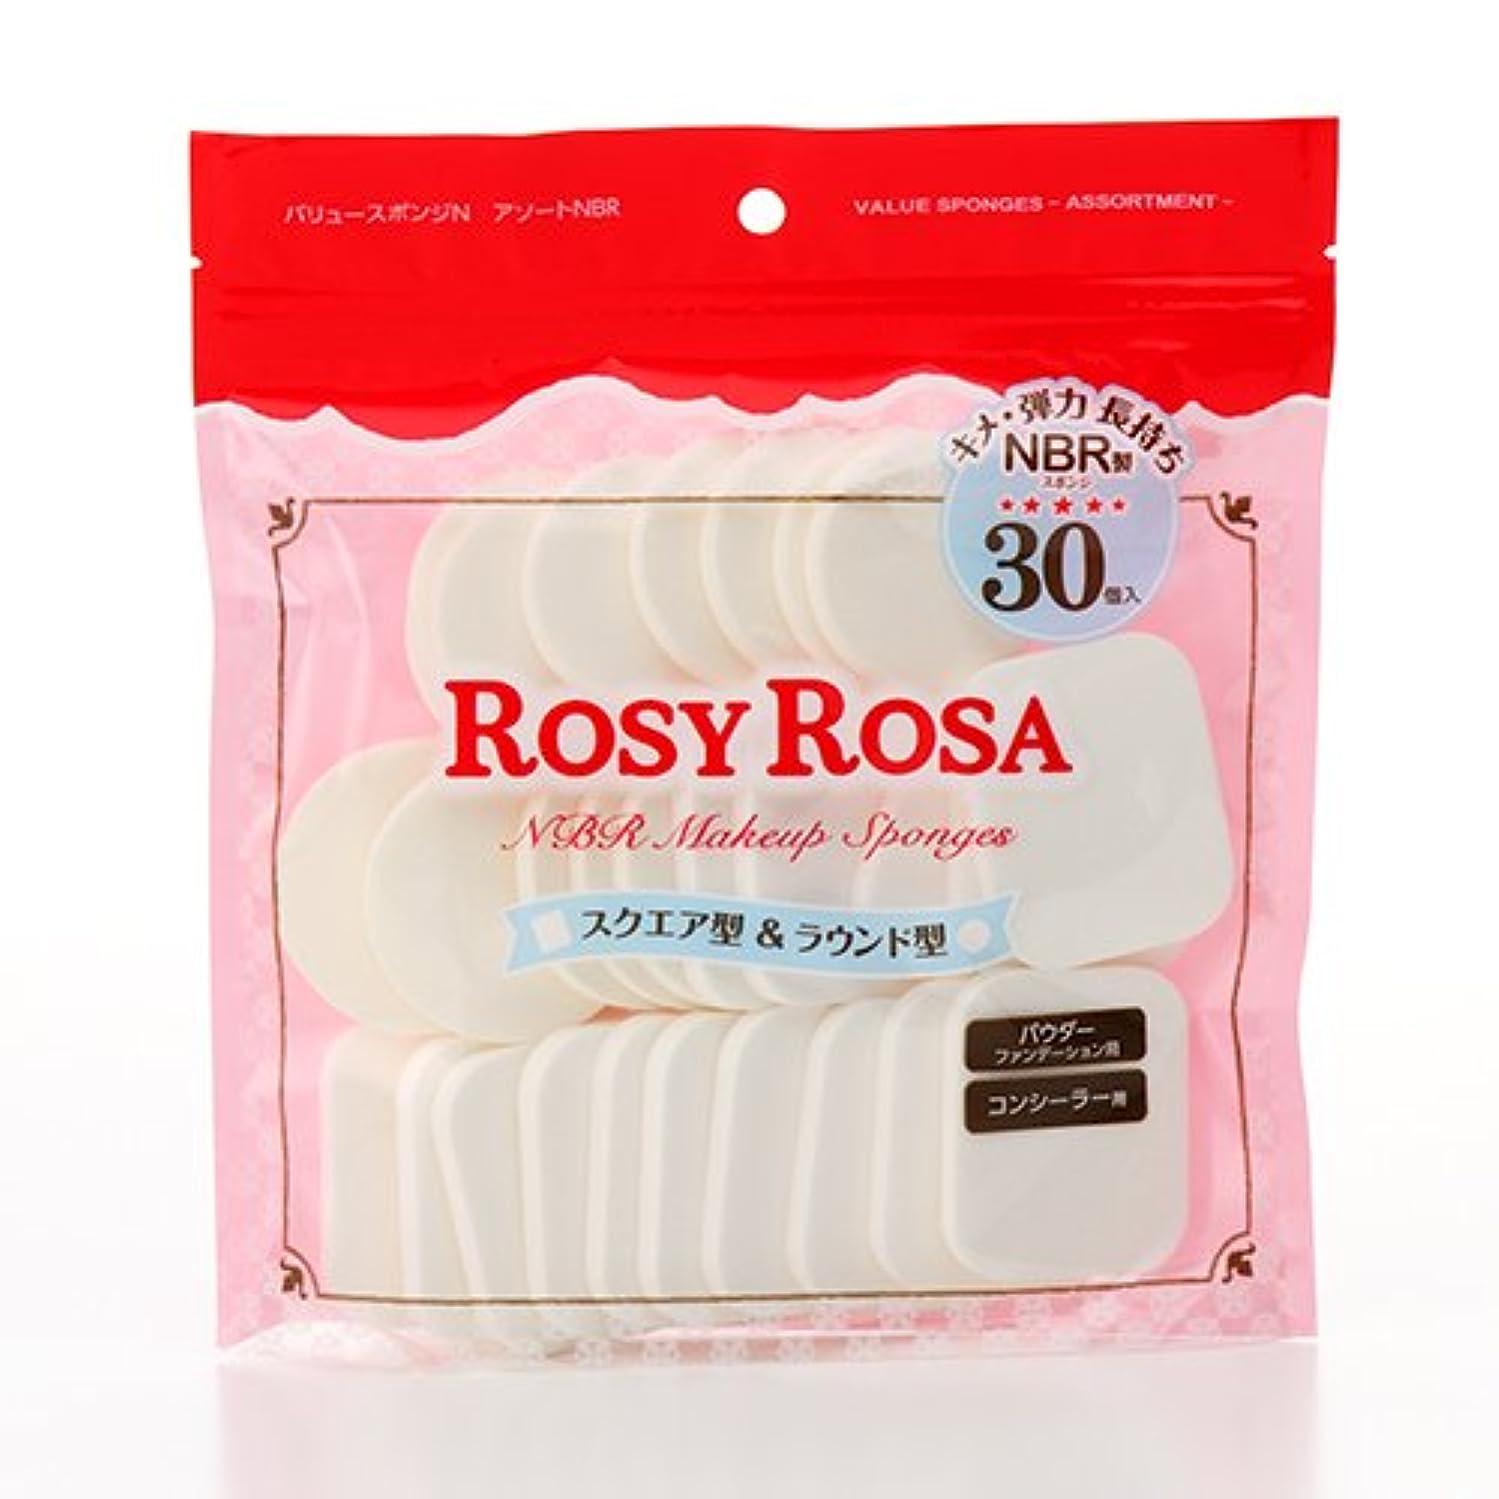 レシピ首尾一貫した策定するロージーローザ バリュースポンジN アソートNBR 30P